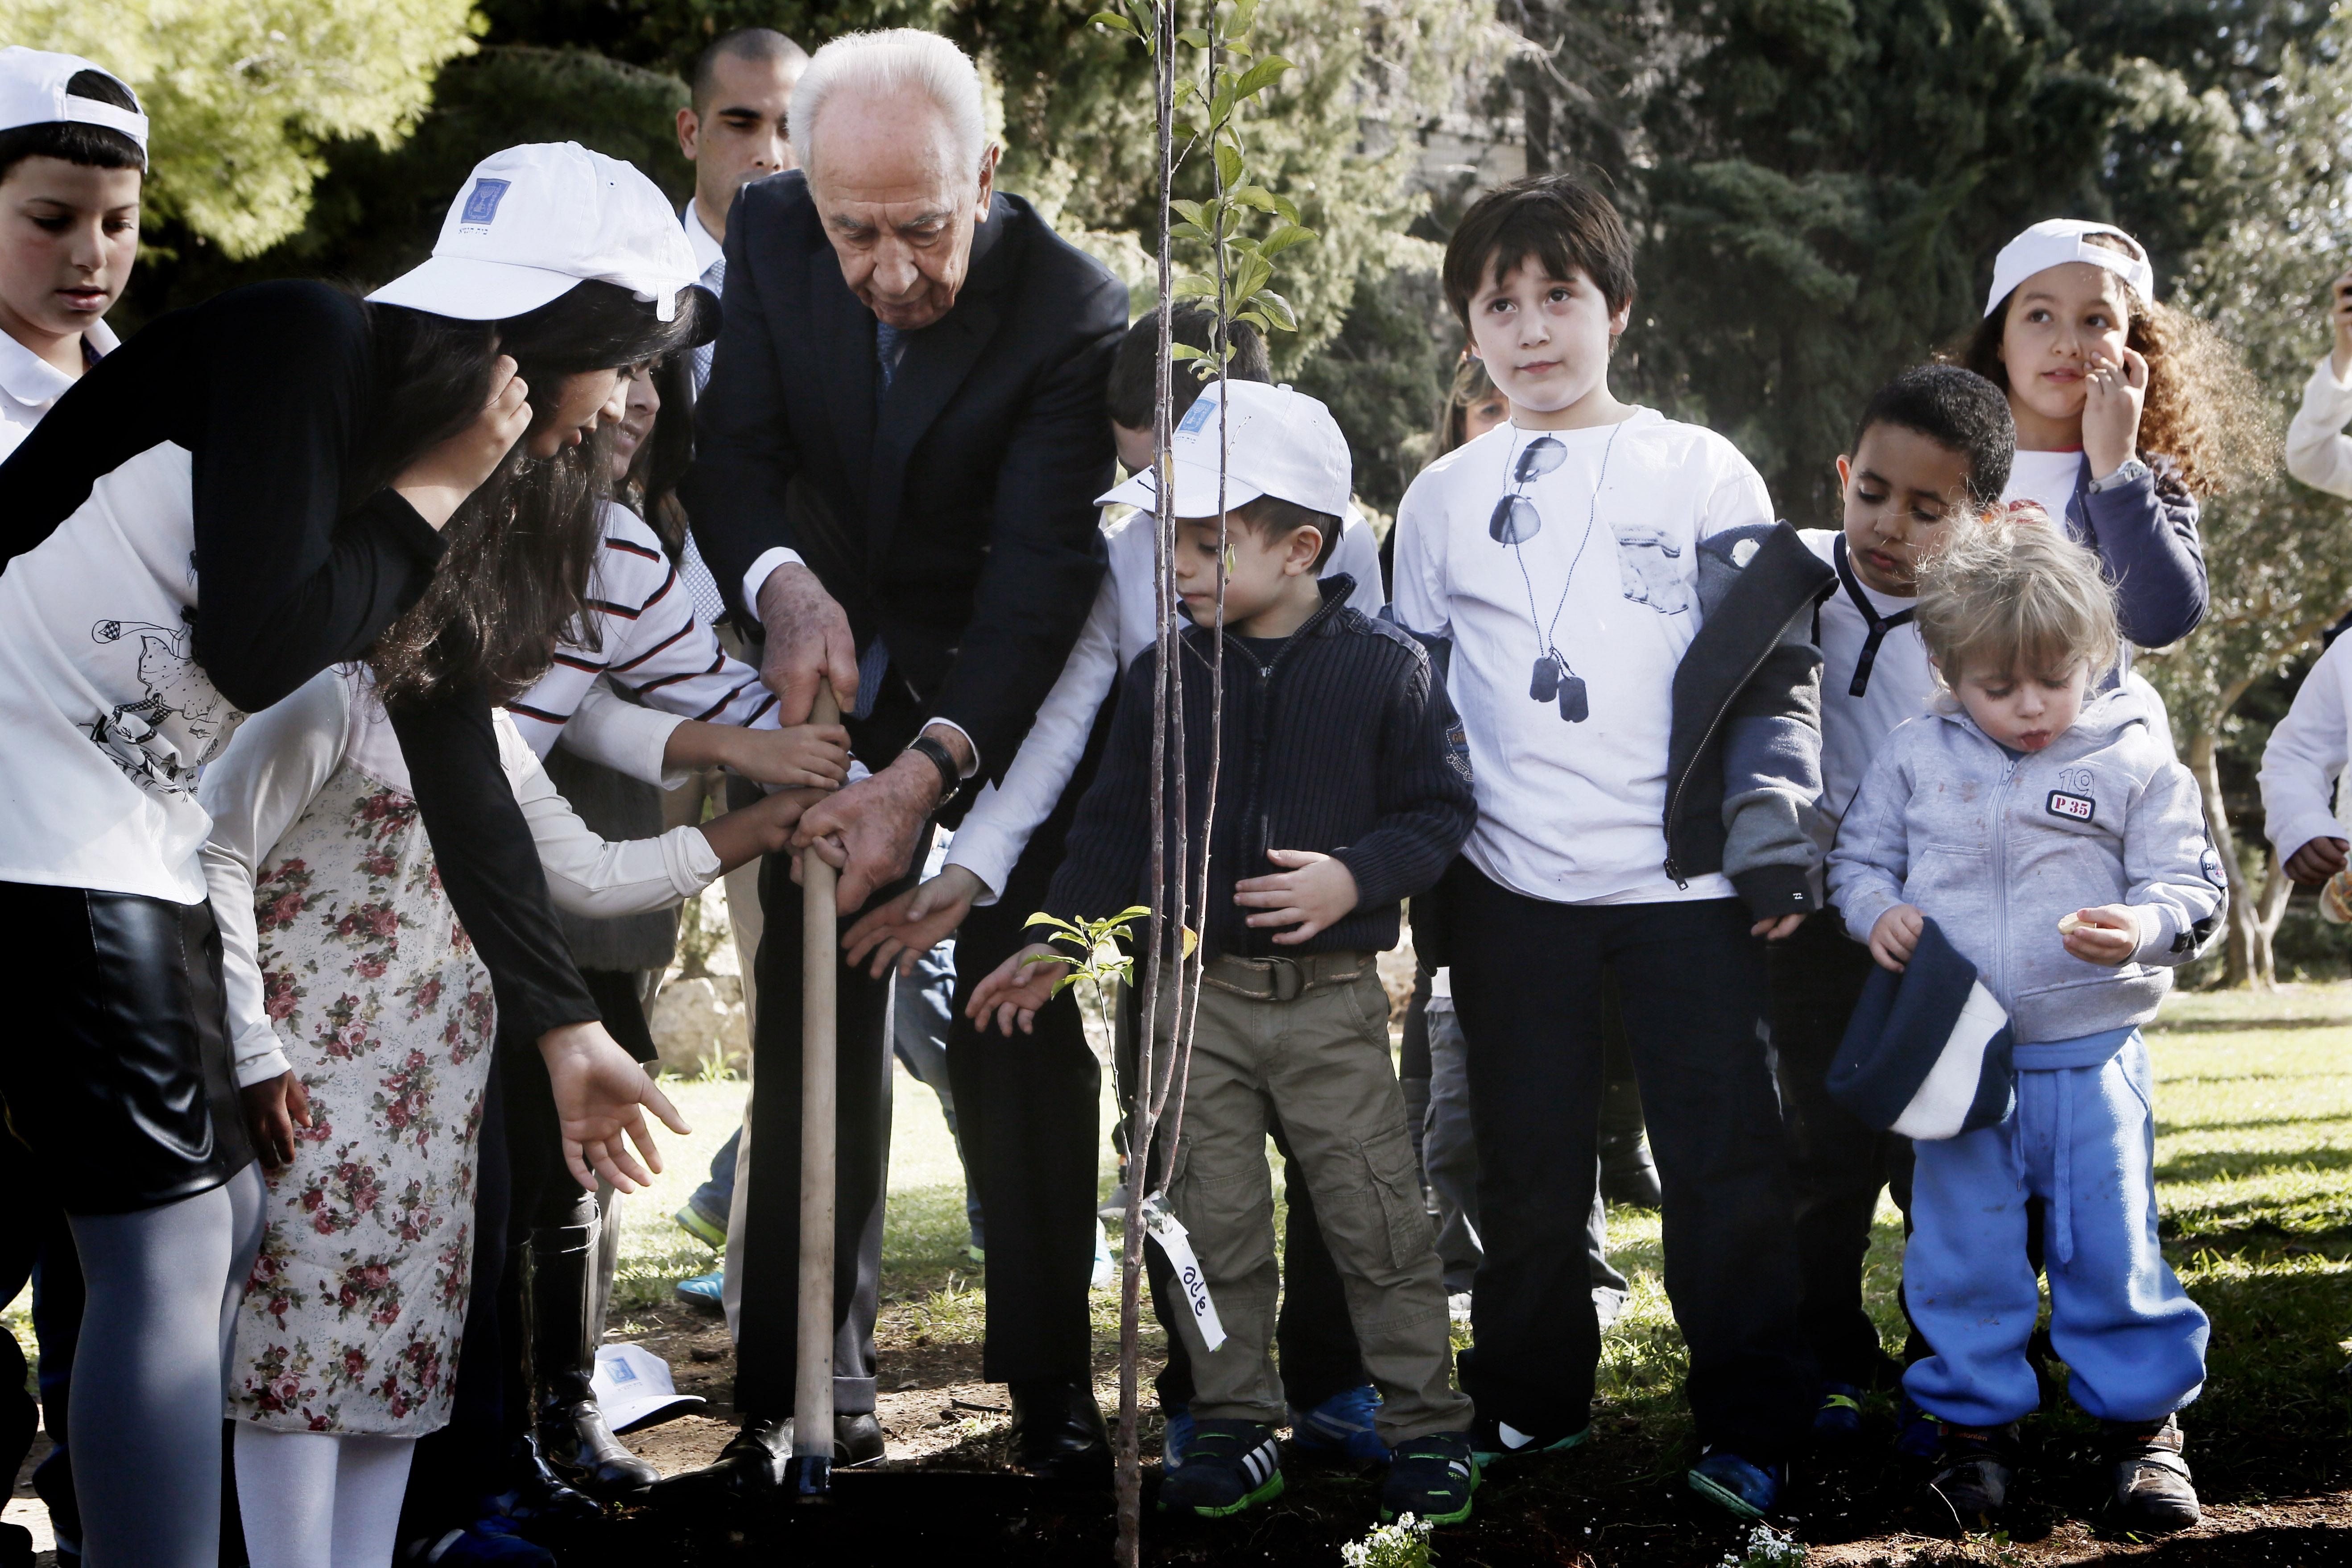 Peres in de tuin van zijn residentie waar hij voor Tu Bishvat een boom plantte samen met kinderen (2014). Foto: Miriam Alster/Flash90